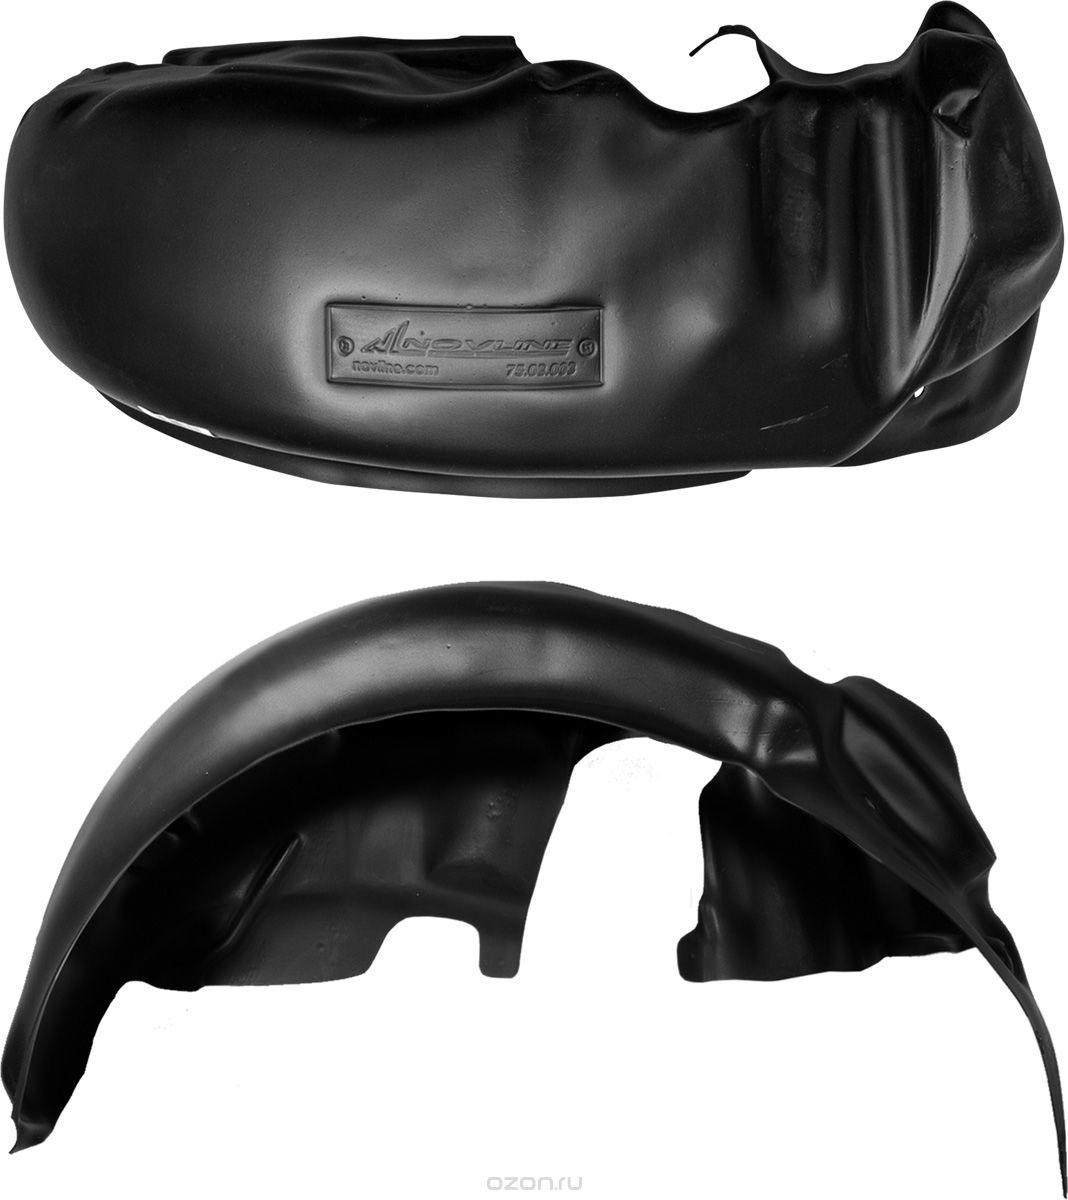 Подкрылок Novline-Autofamily, для FAW V5, 2013->, передний правыйNLL.62.14.002Идеальная защита колесной ниши. Локеры разработаны с применением цифровых технологий, гарантируют максимальную повторяемость поверхности арки. Изделия устанавливаются без нарушения лакокрасочного покрытия автомобиля, каждый подкрылок комплектуется крепежом. Уважаемые клиенты, обращаем ваше внимание, что фотографии на подкрылки универсальные и не отражают реальную форму изделия. При этом само изделие идет точно под размер указанного автомобиля.